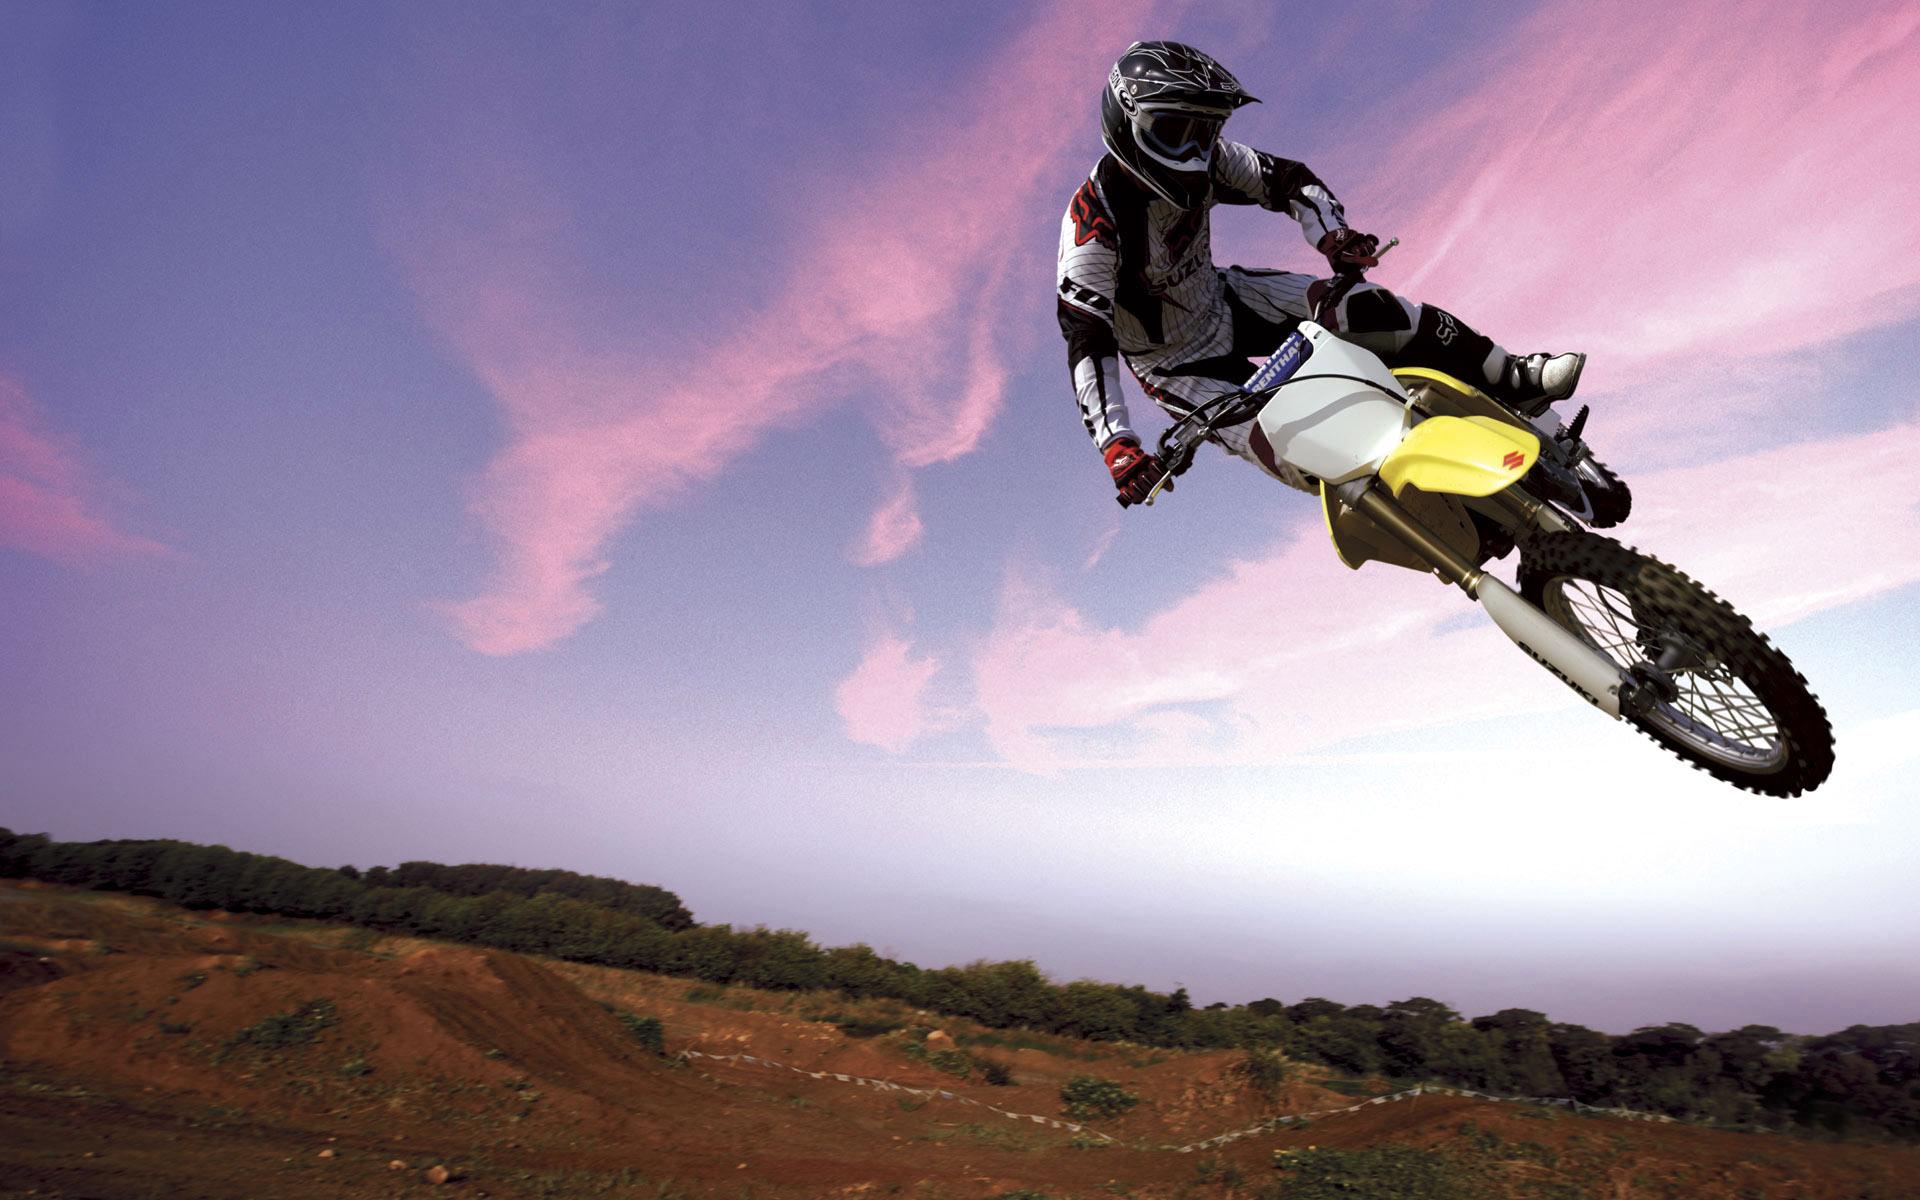 Motocross Bike in Sky Wallpaper | Bikes | Pinterest | Bikes, Sky